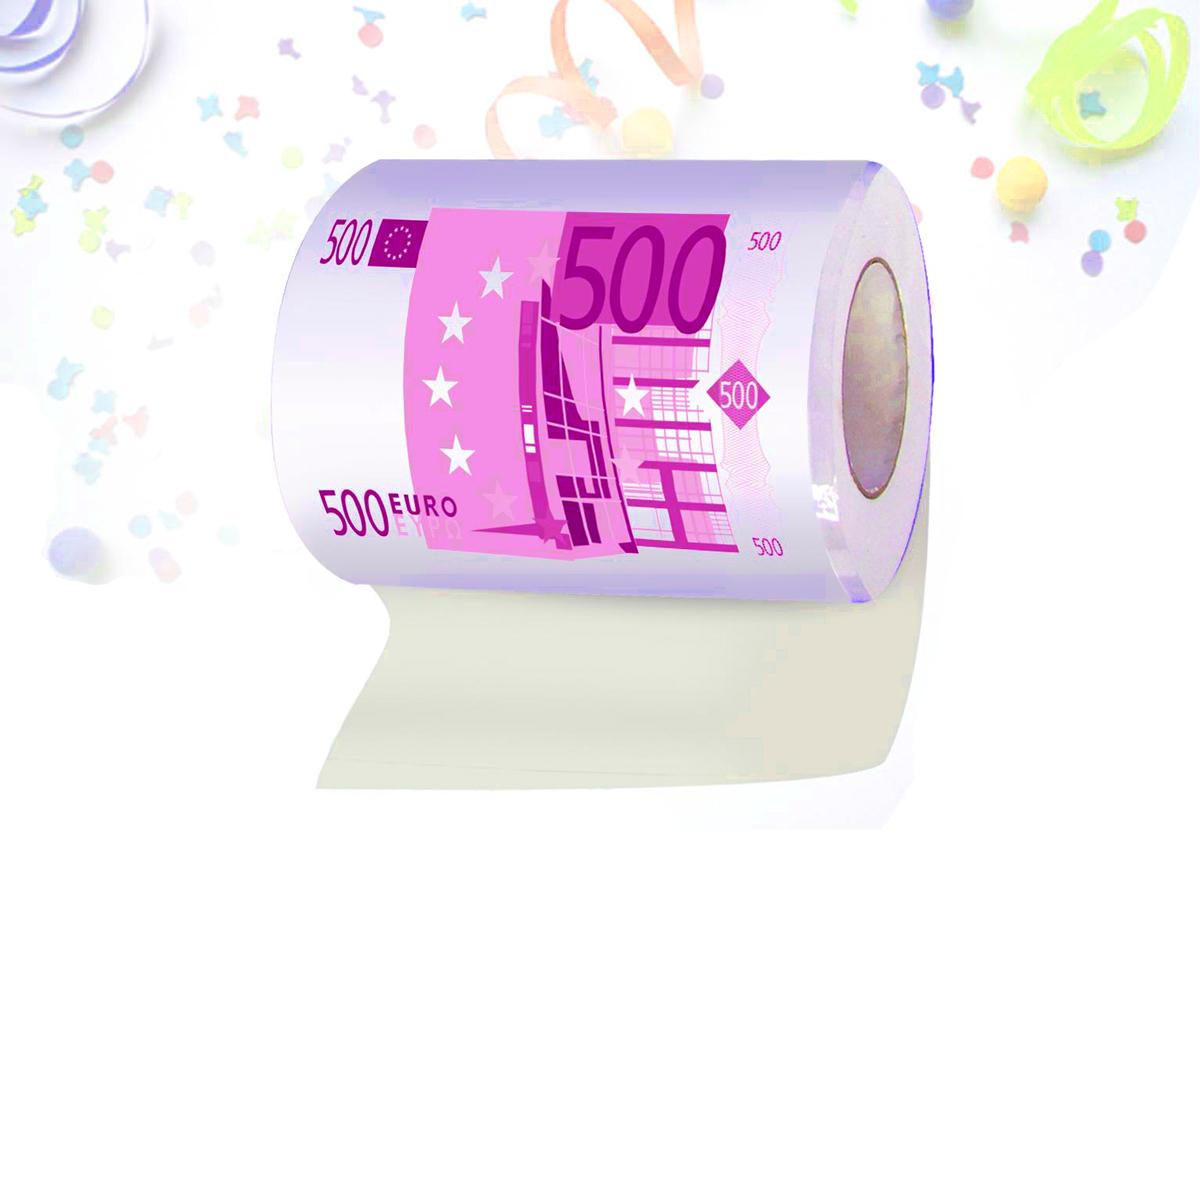 Papier toilette 500 euros cadeau fun et insolite sur - Papier toilette design ...